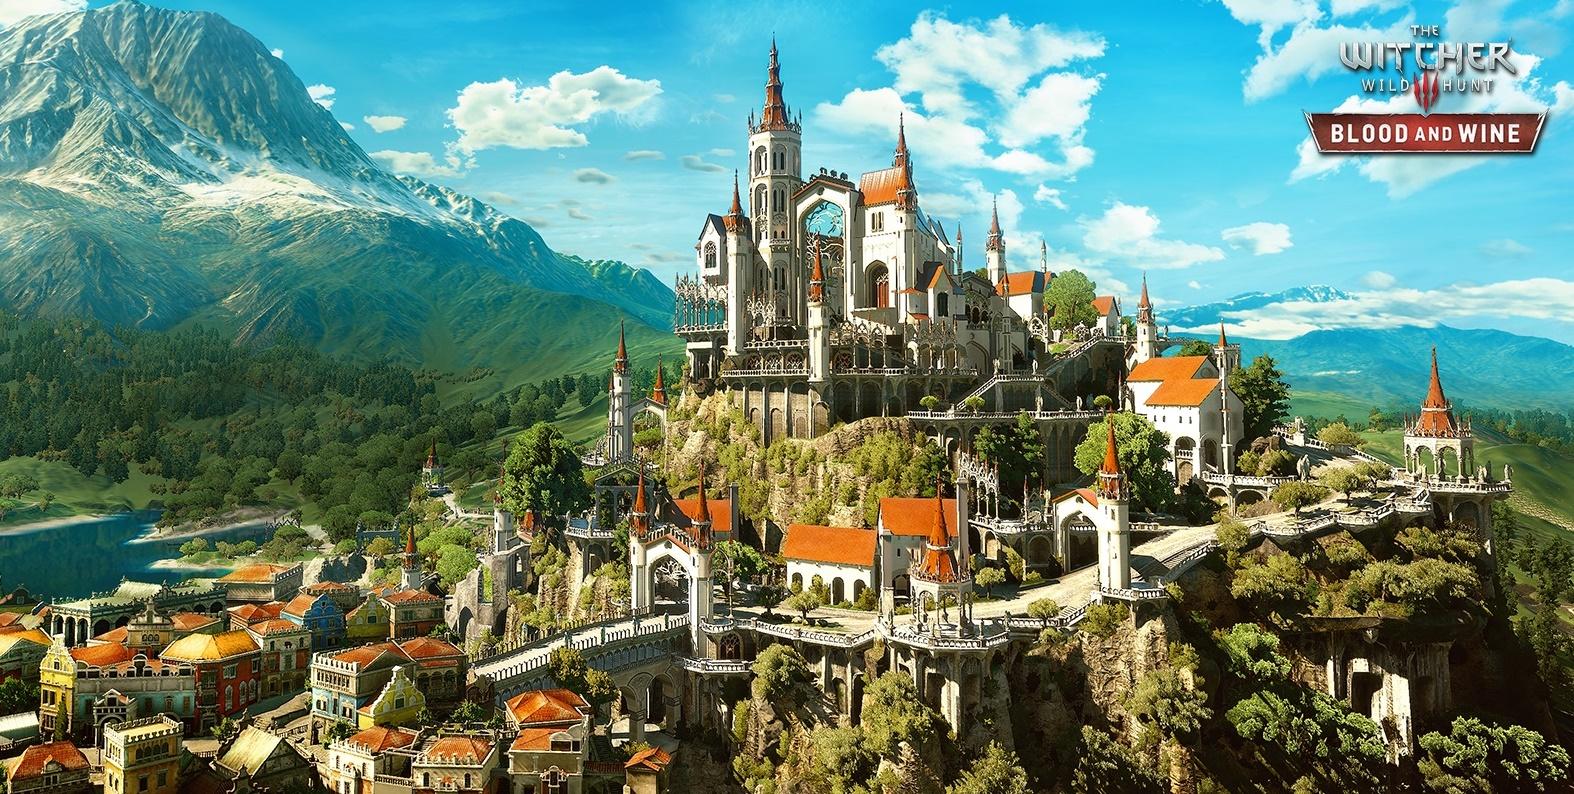 Admiră noua zonă din The Witcher 3 Blood and Wine